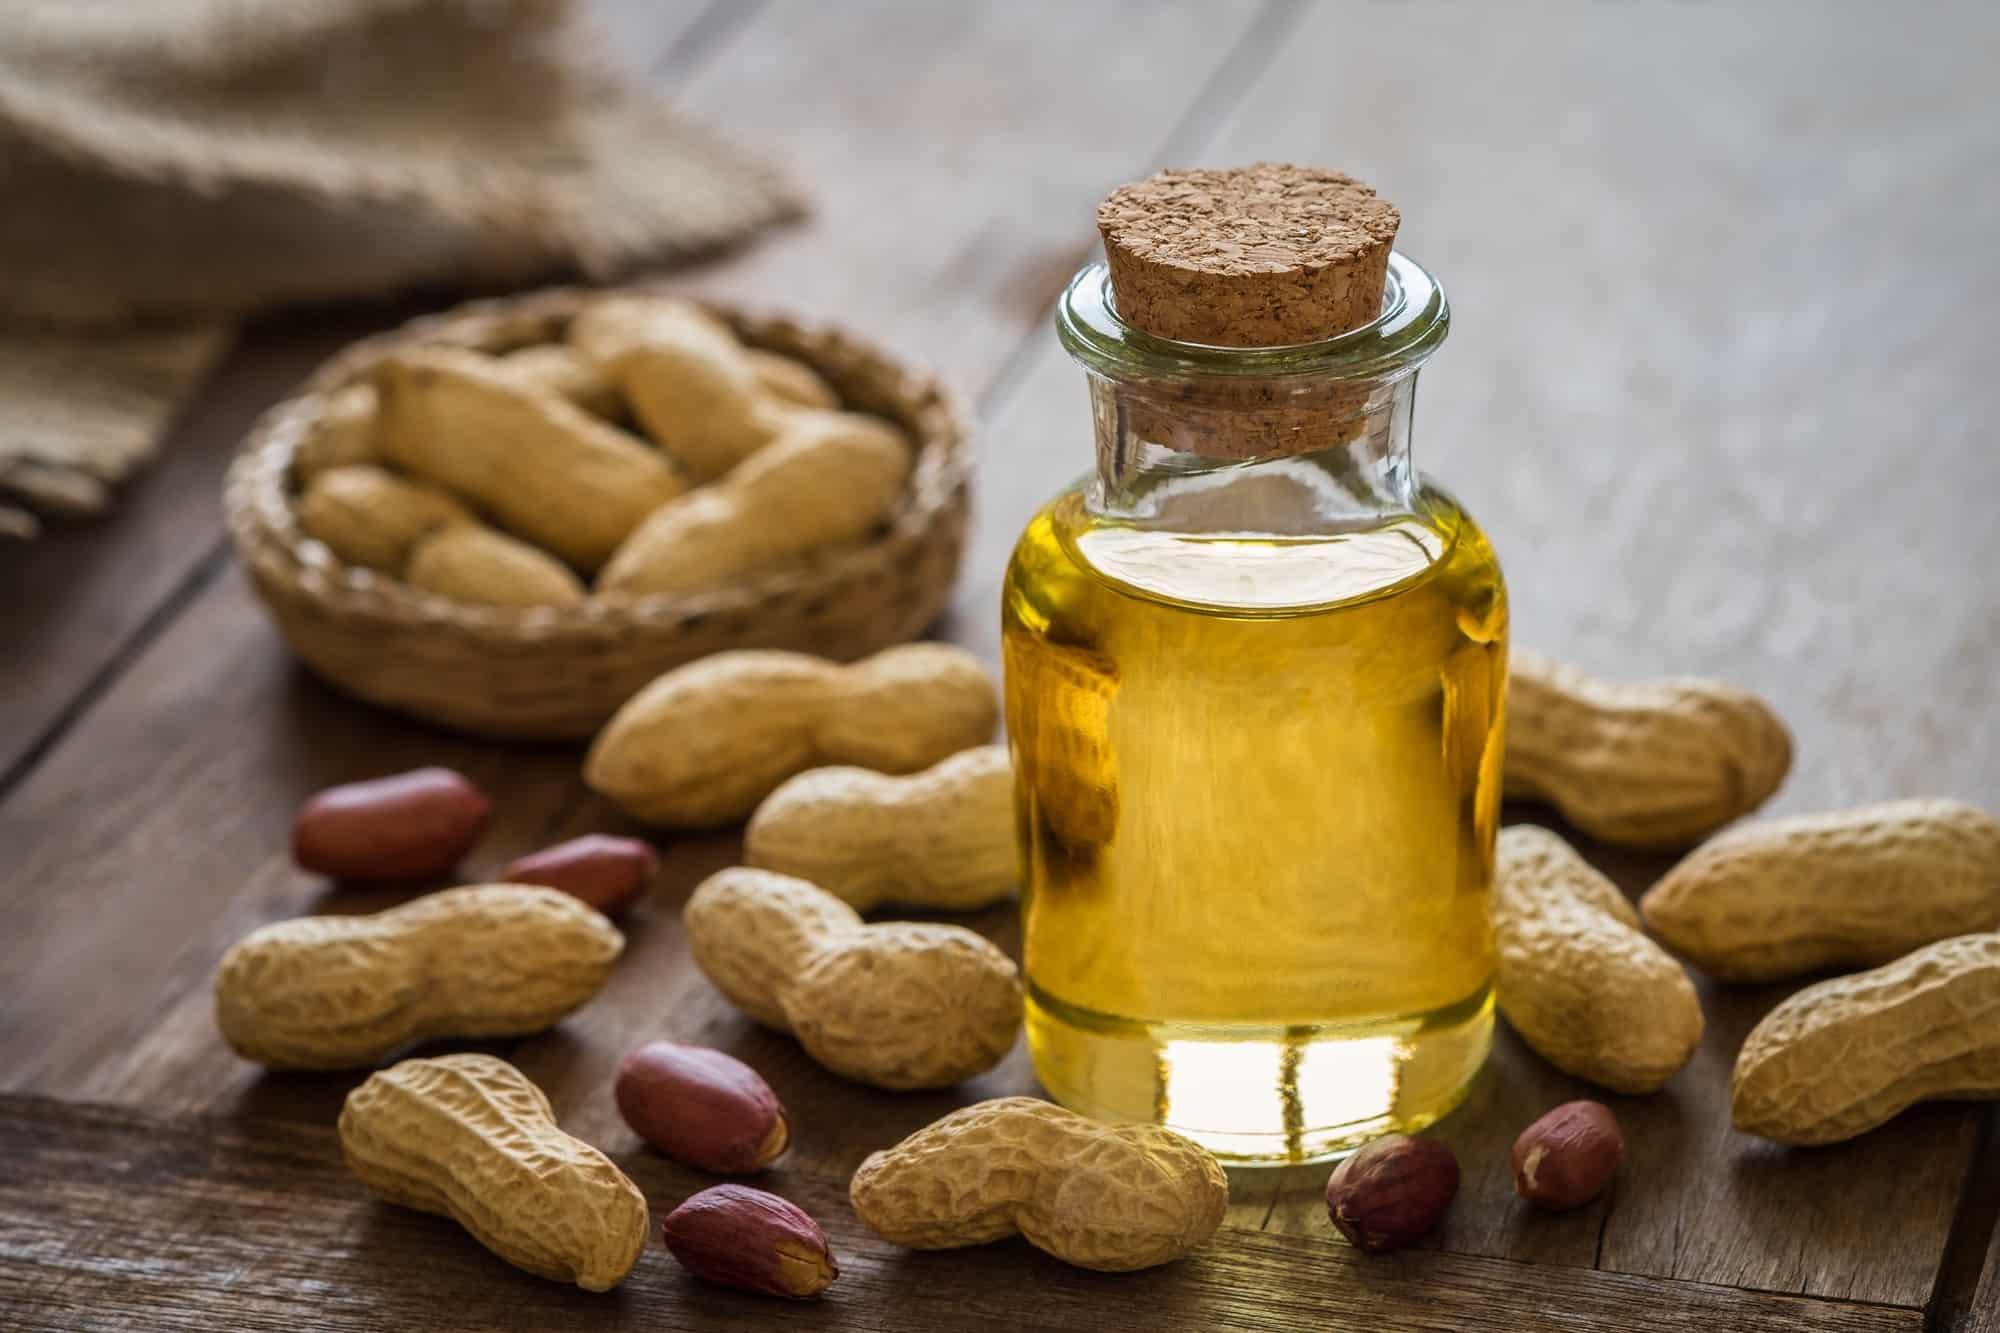 Substitute for Peanut Oil